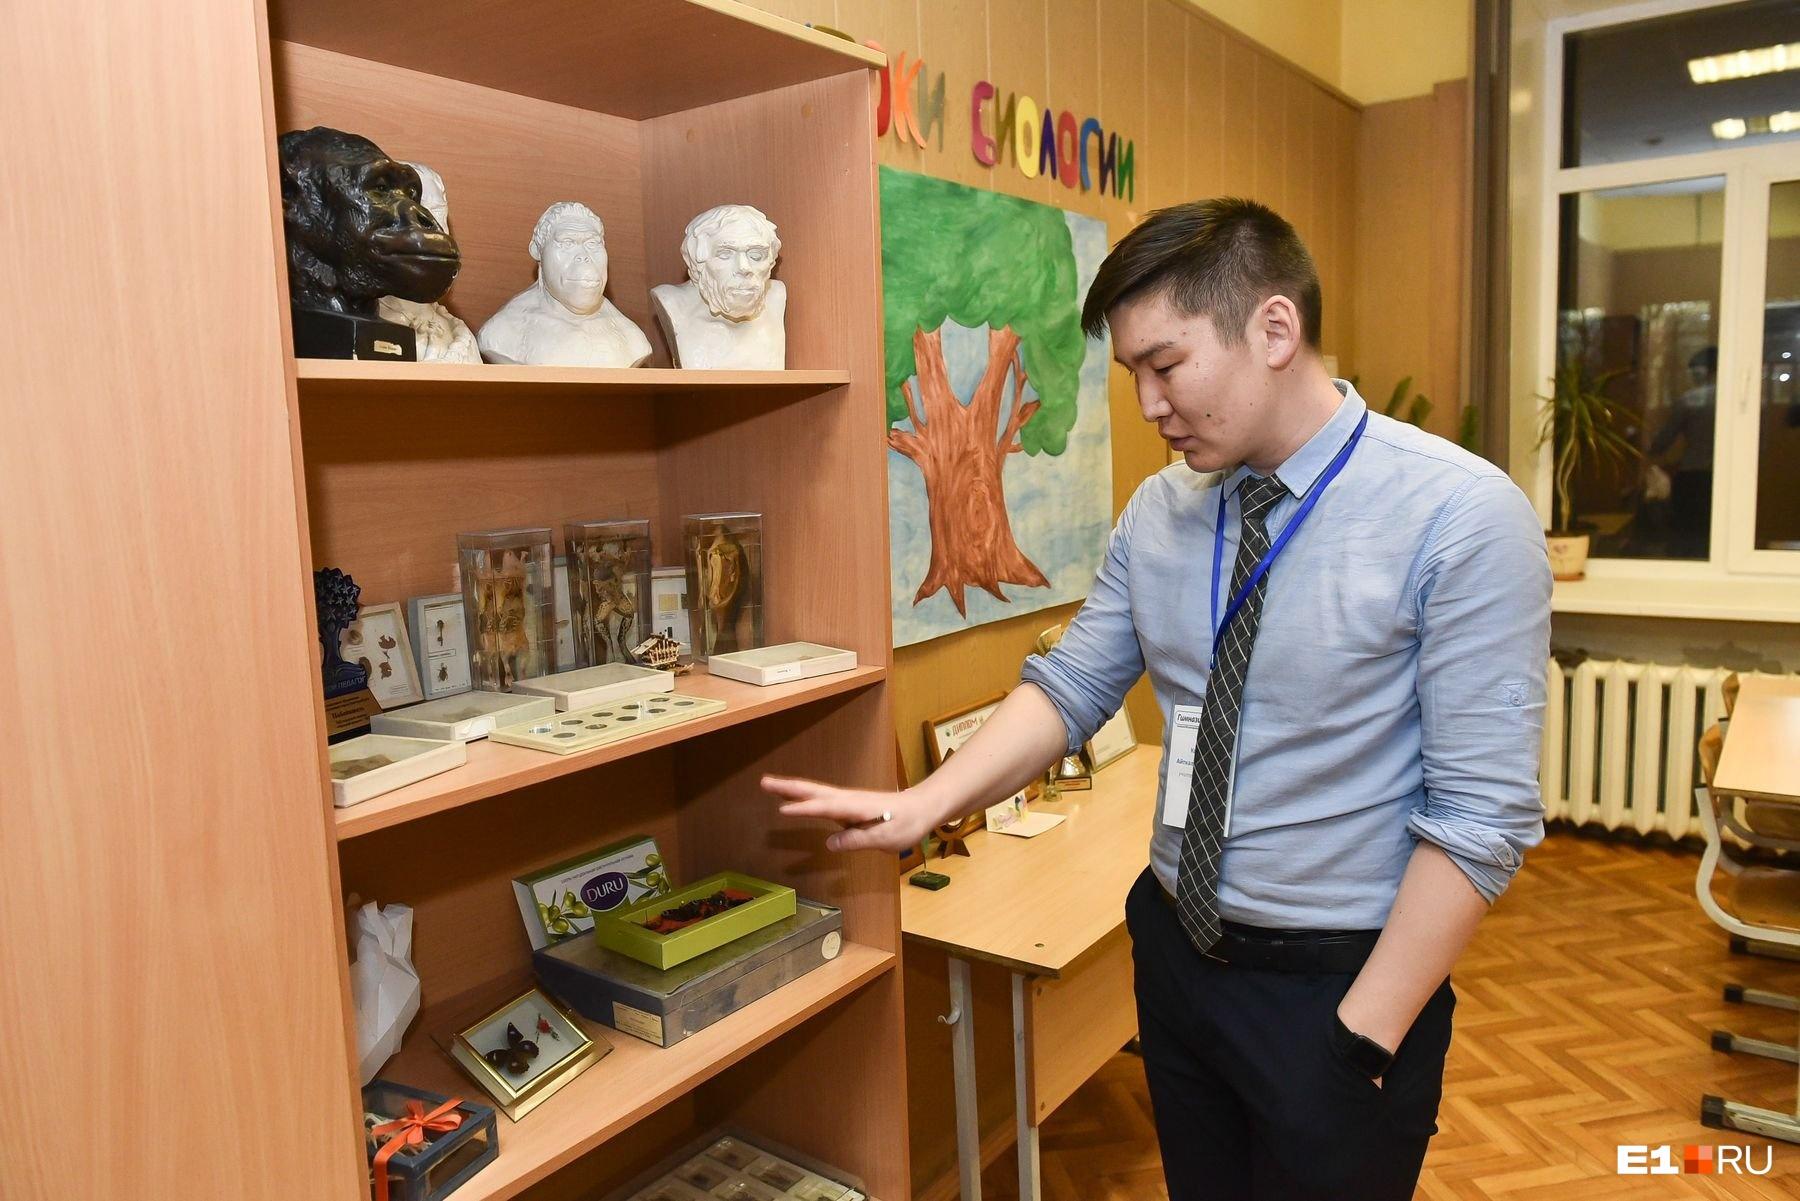 В гимназии, где преподает Айткали Каминов, биология входит в топ-3 предметов, которые выбирают для ЕГЭ